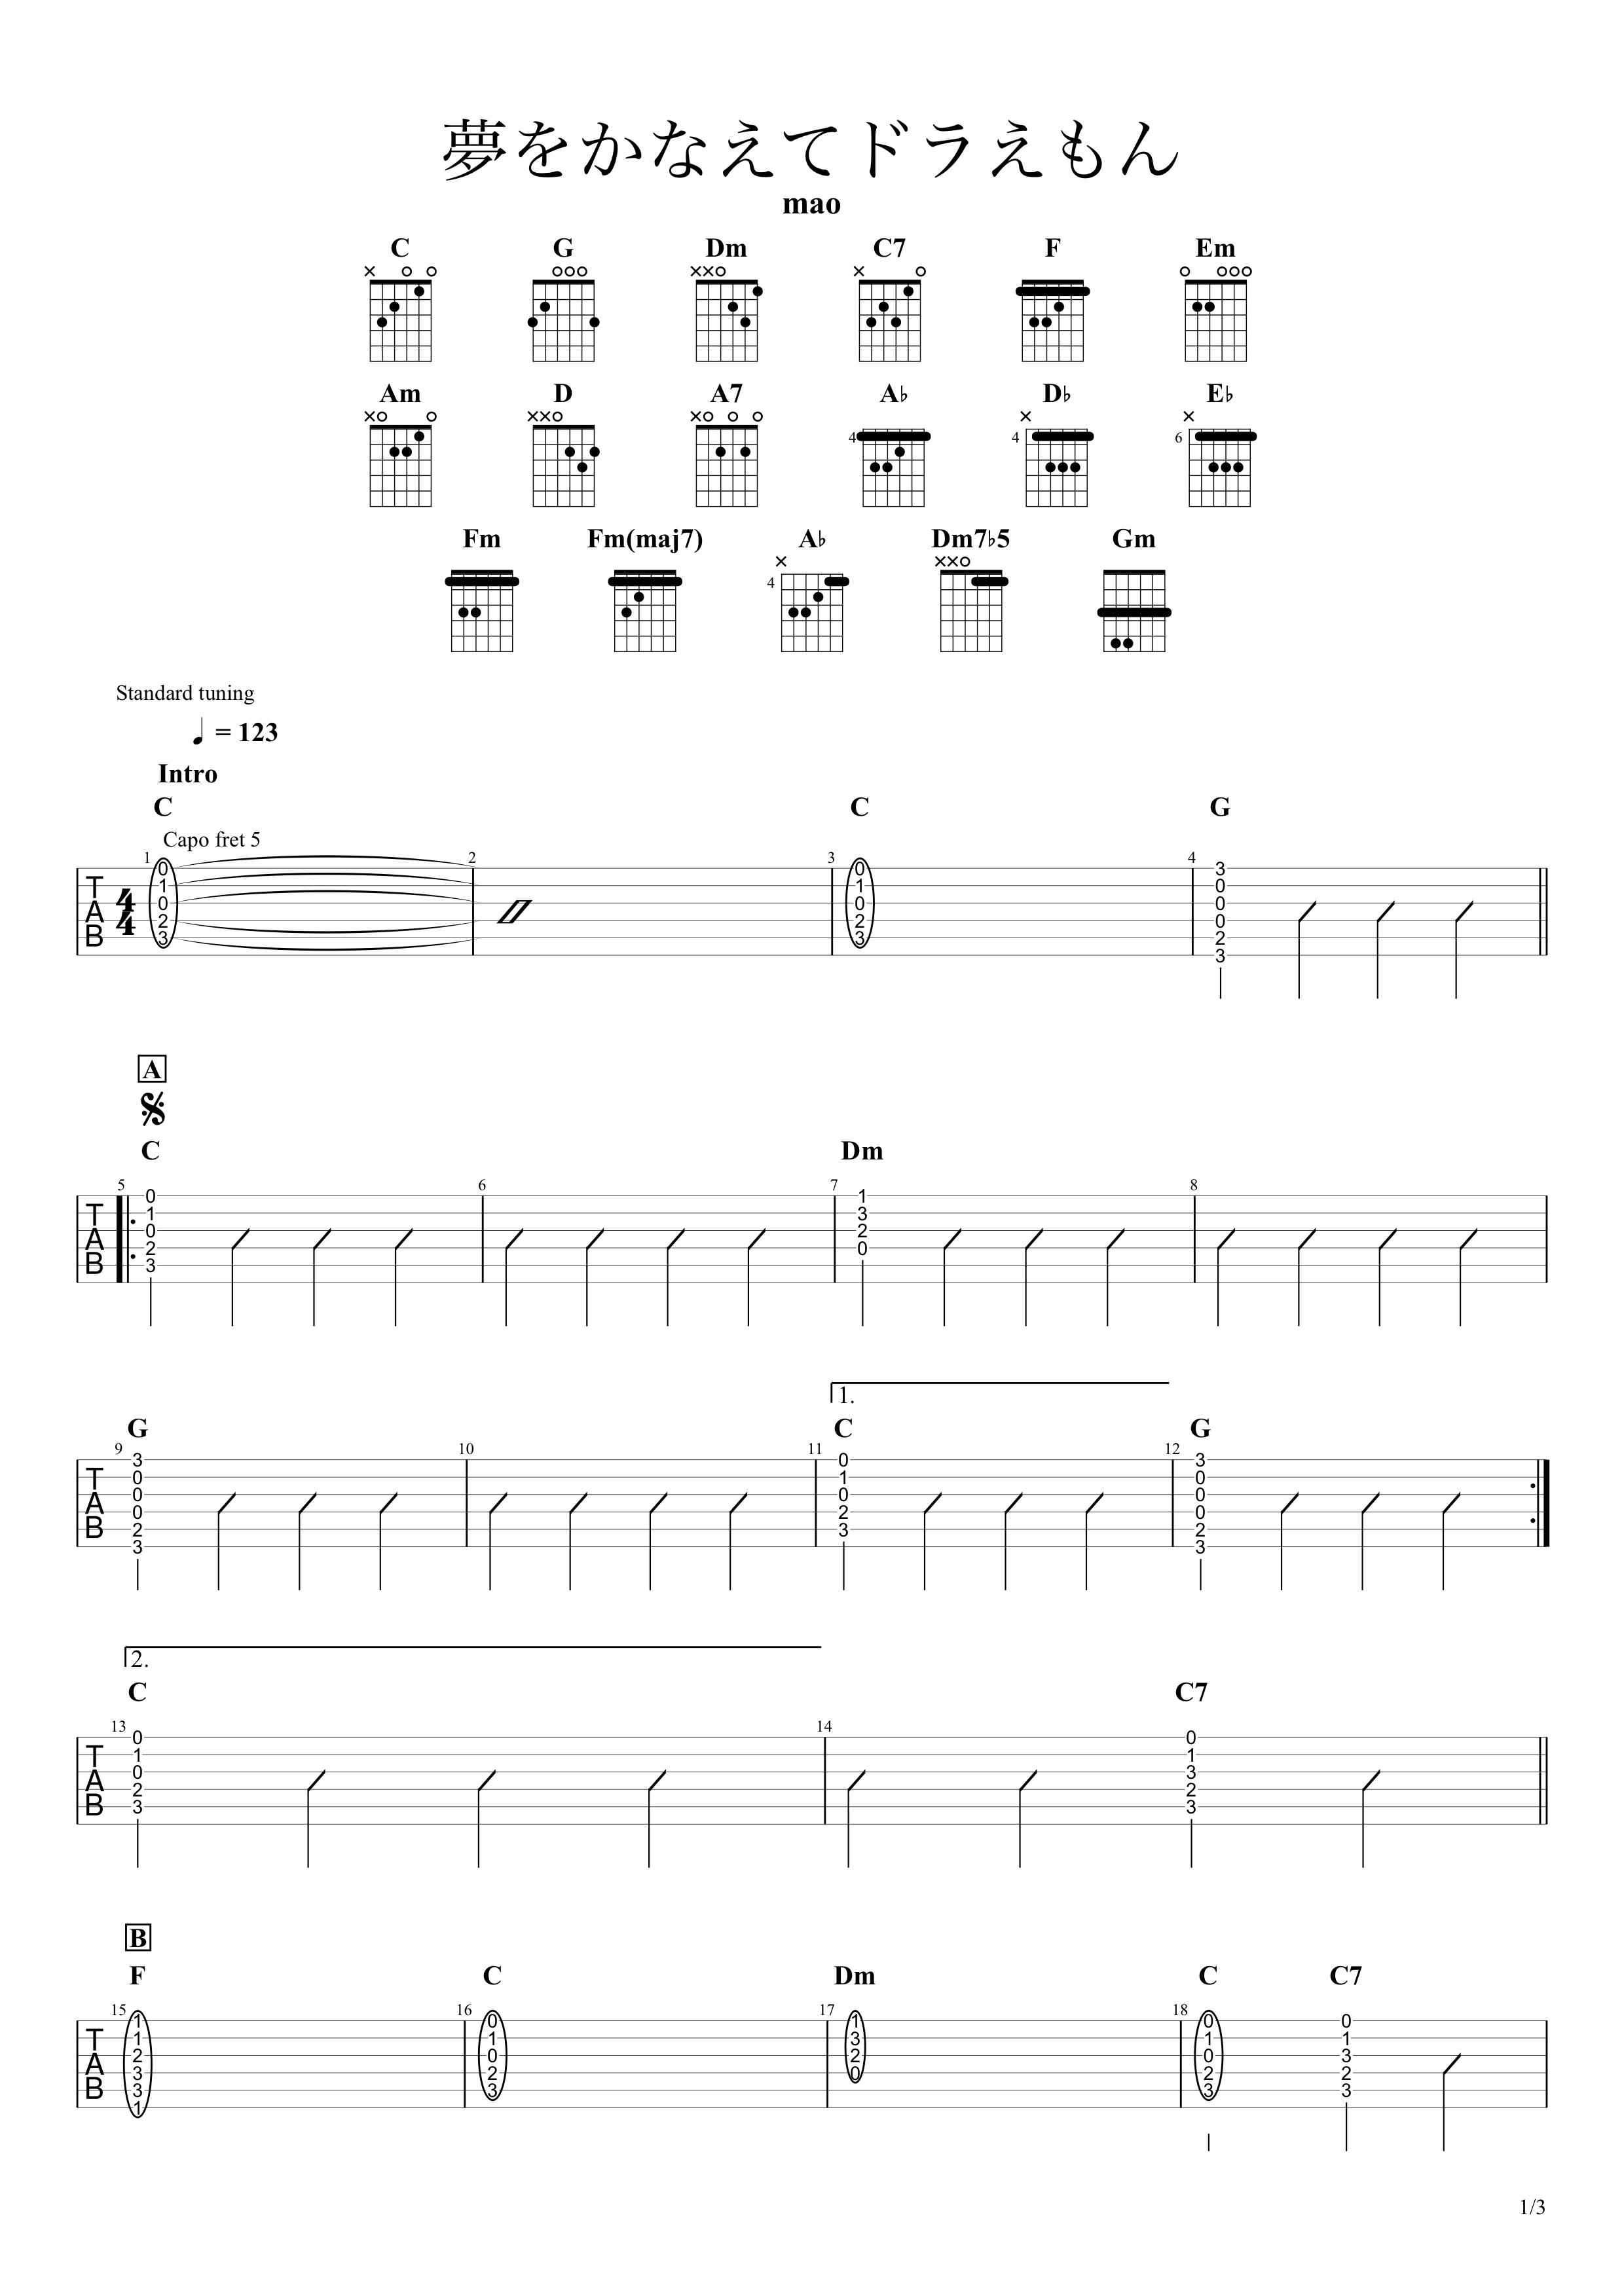 夢をかなえてドラえもん/mao ギタータブ譜 簡単コードアレンジVer.01